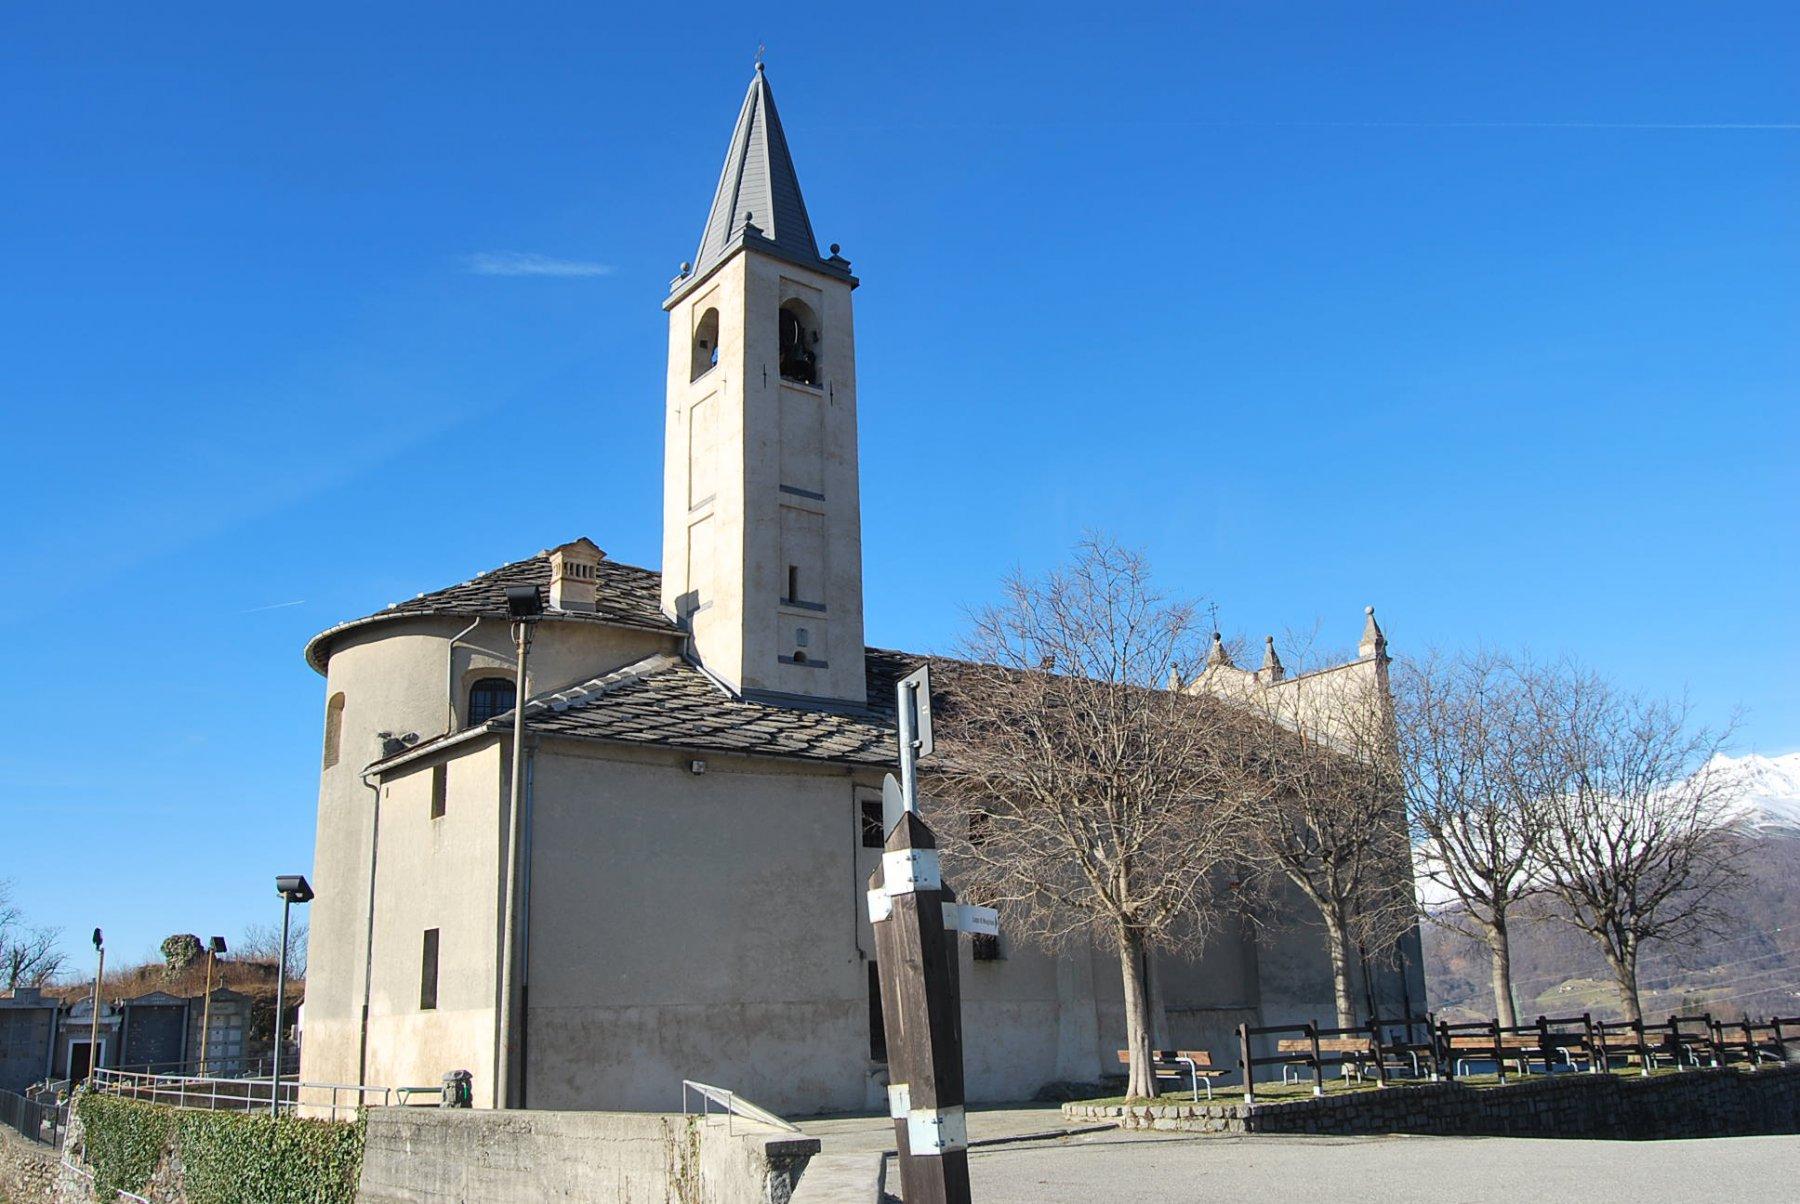 La Chiesa di Brosso, il primo punto panoramico che si incontra salendo